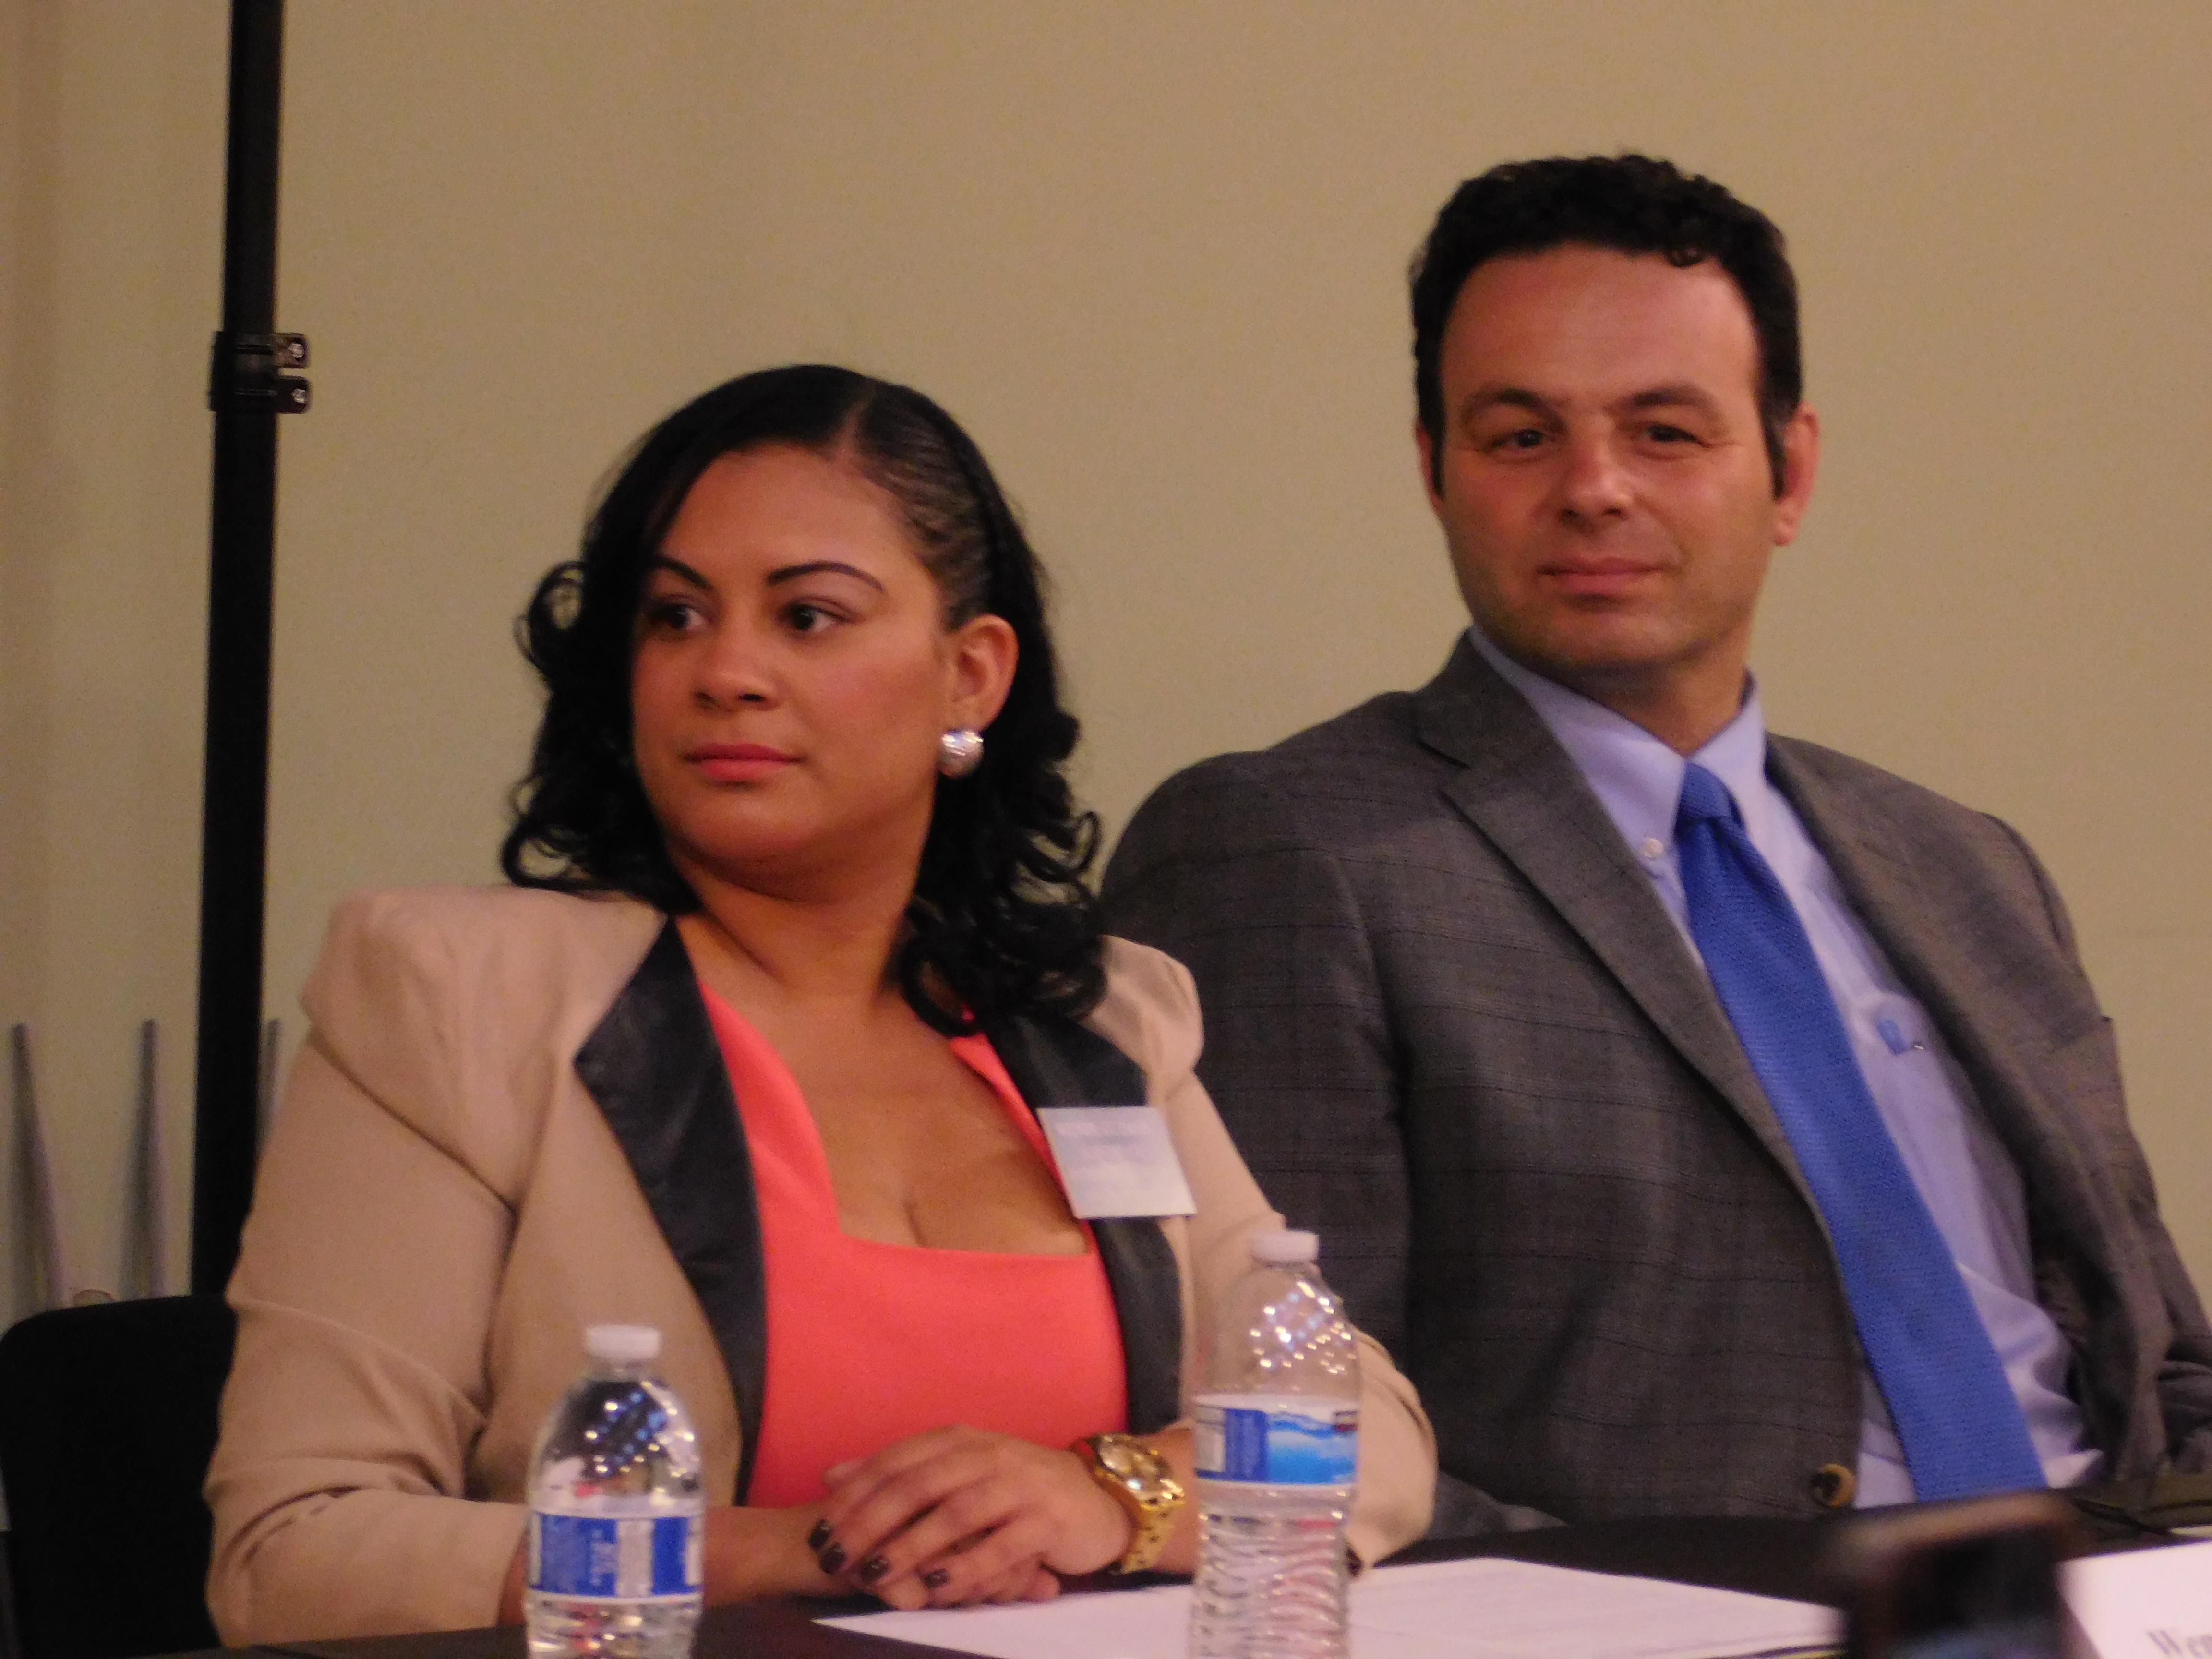 Guzman and Sayegh